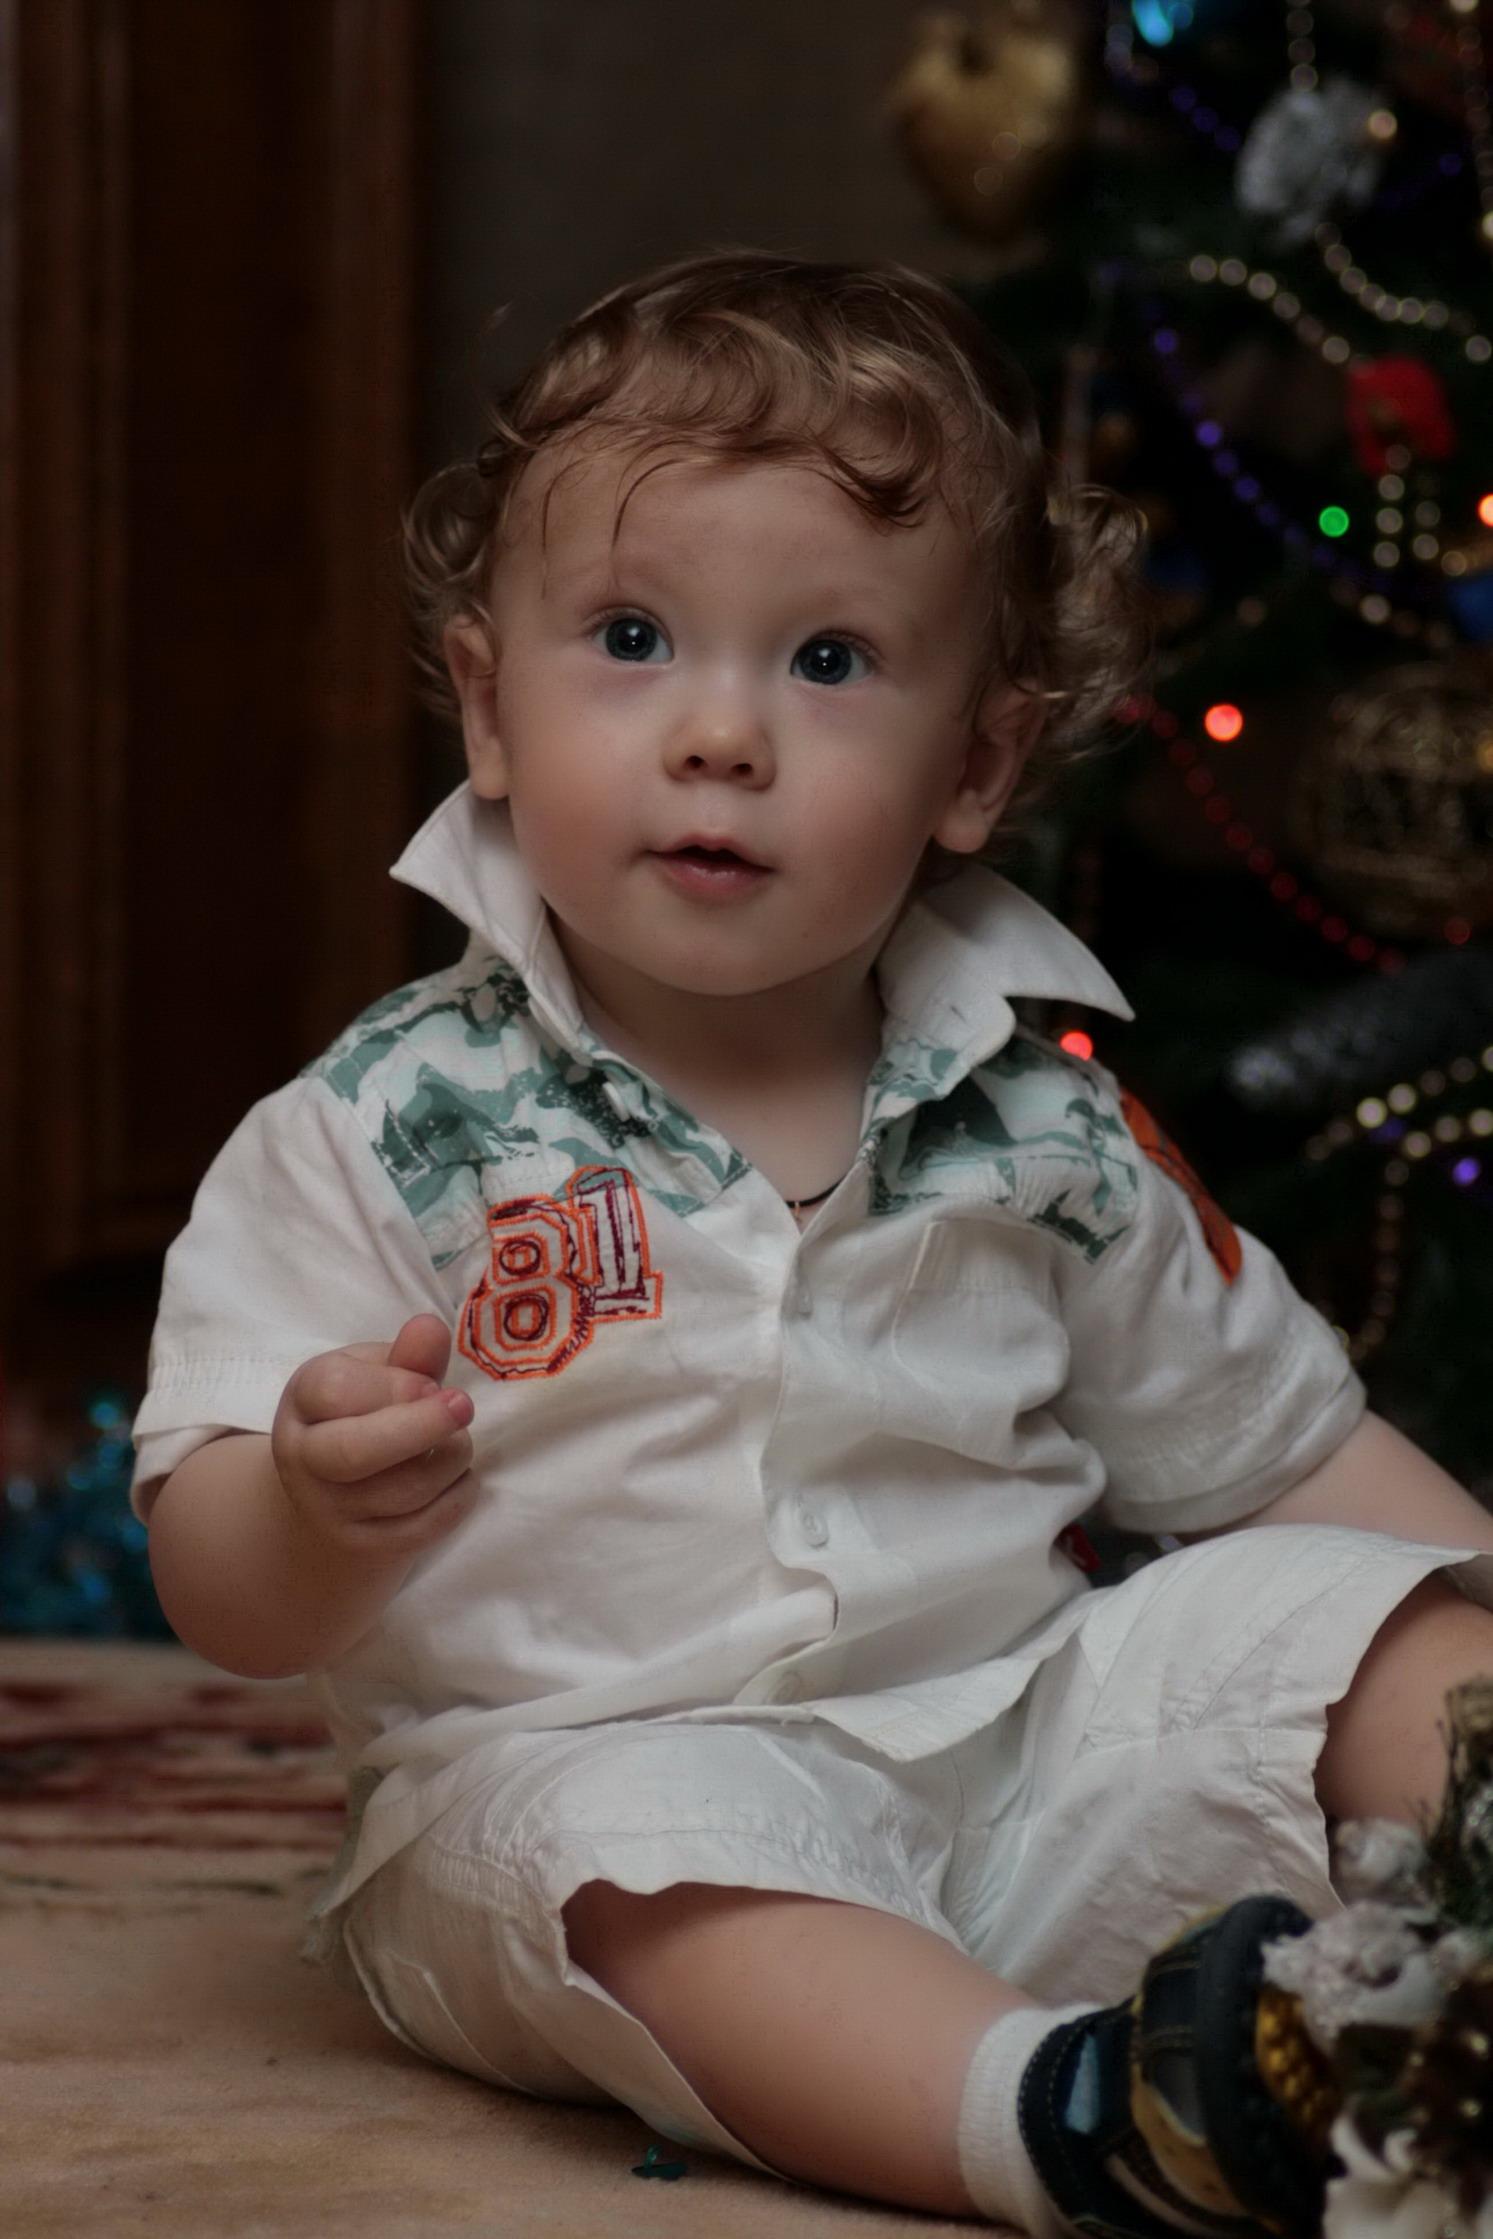 Сын Егор (9месяцев). Детские портреты